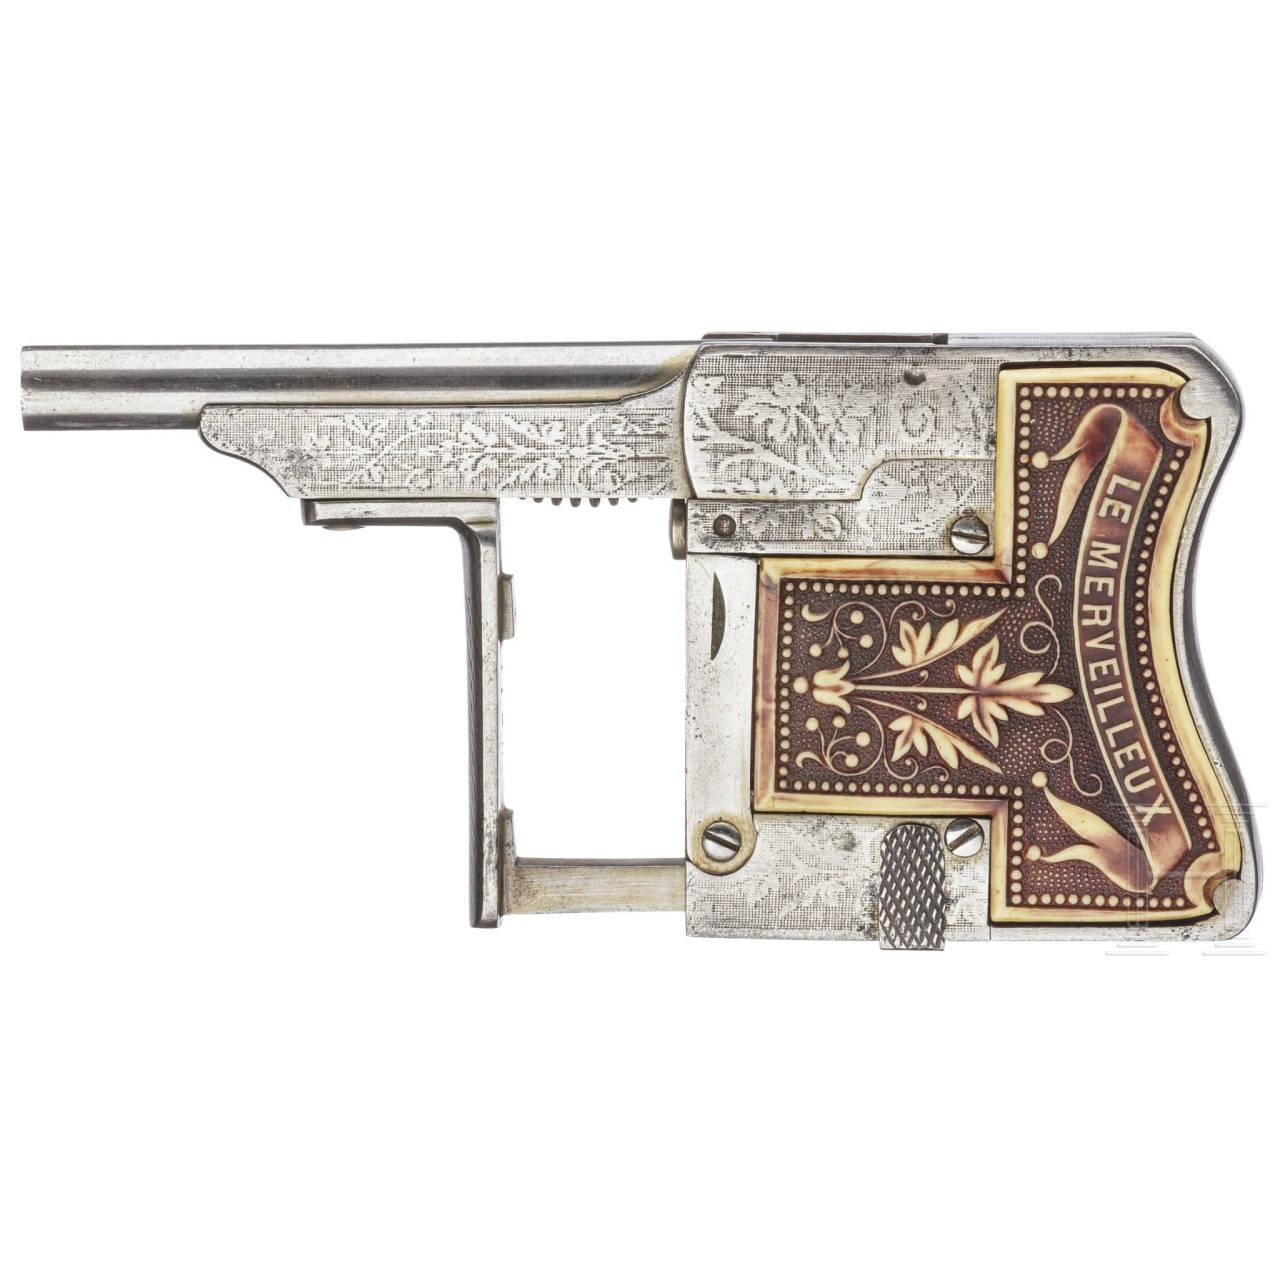 Le Merveilleux-Einhandpistole, Rouchouse & Cie